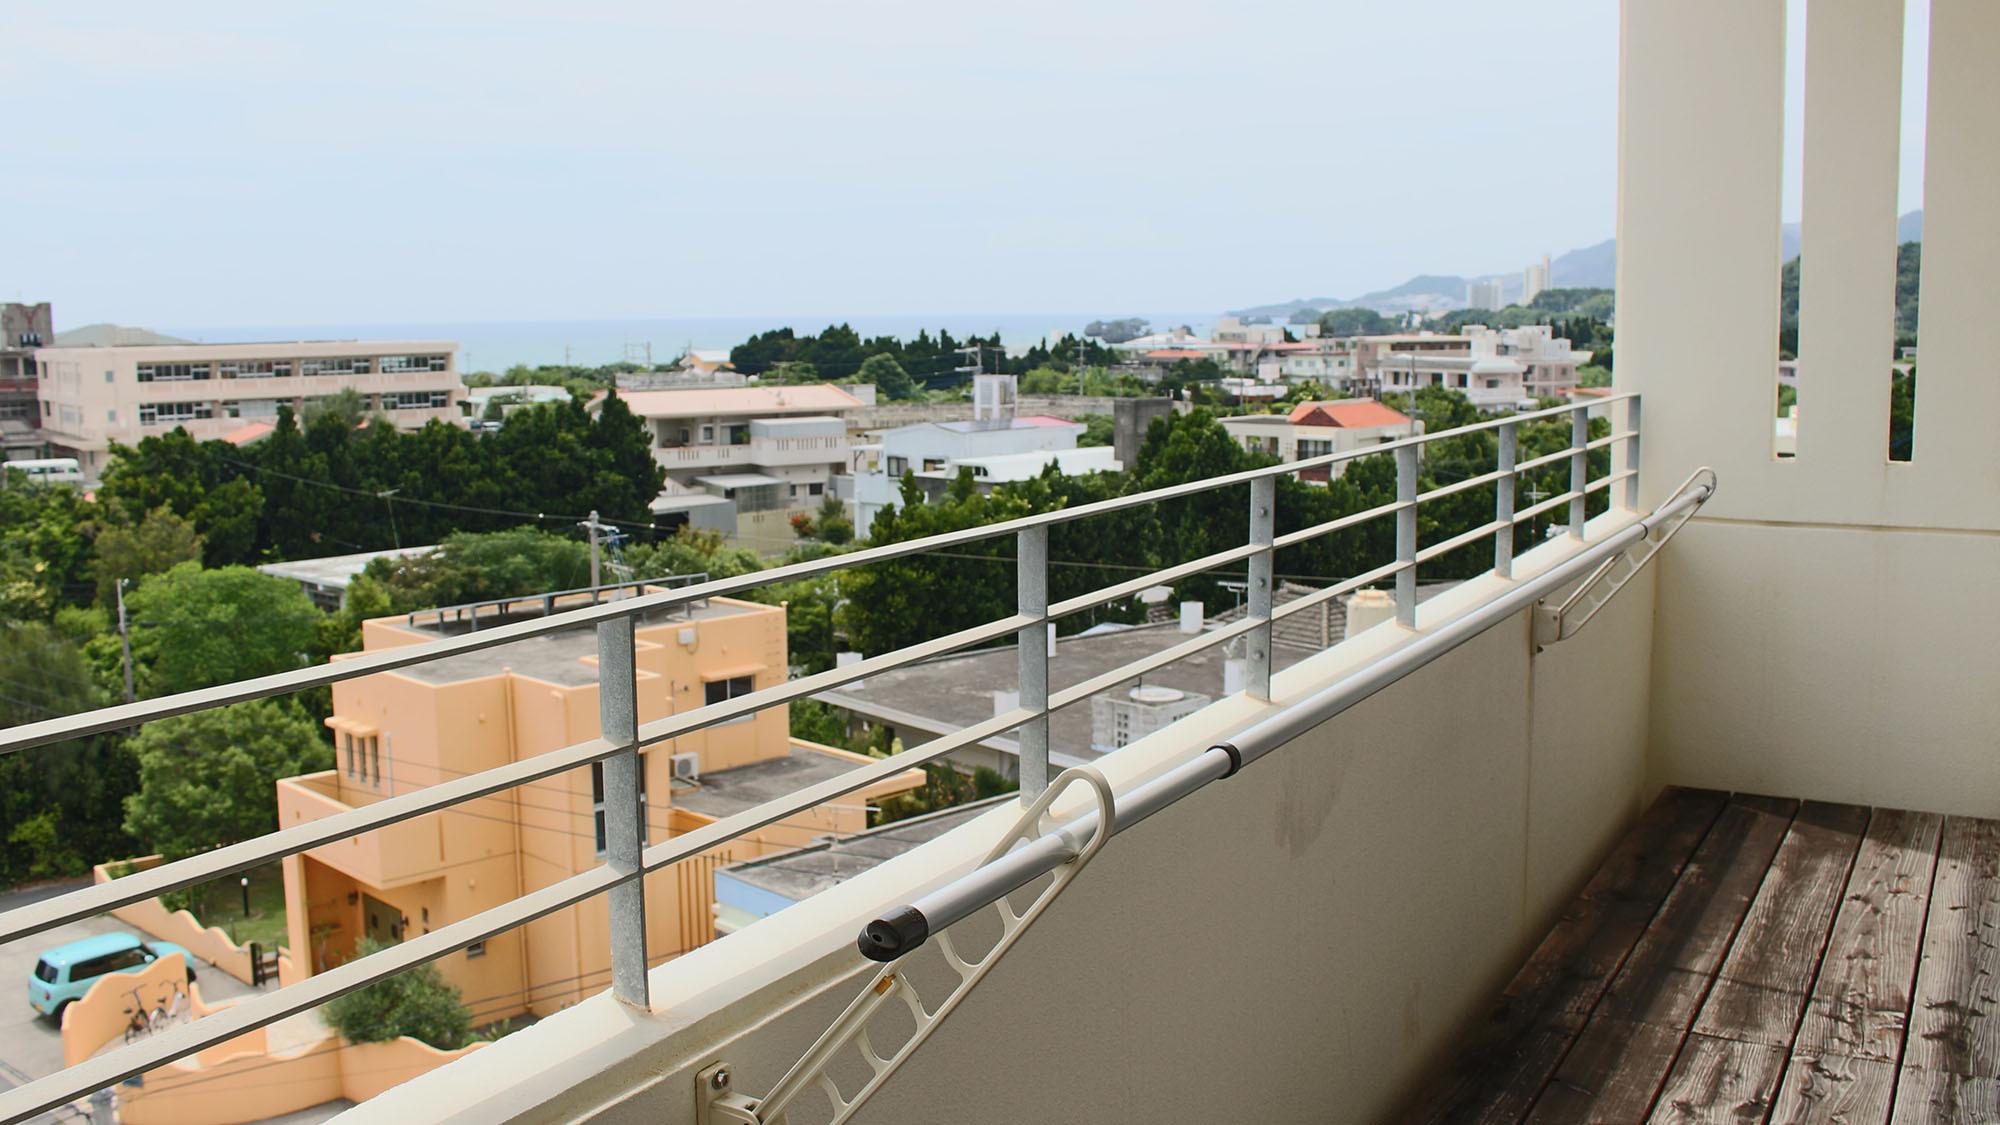 【出窓からの眺望/イメージ】 名護市街と海を一望